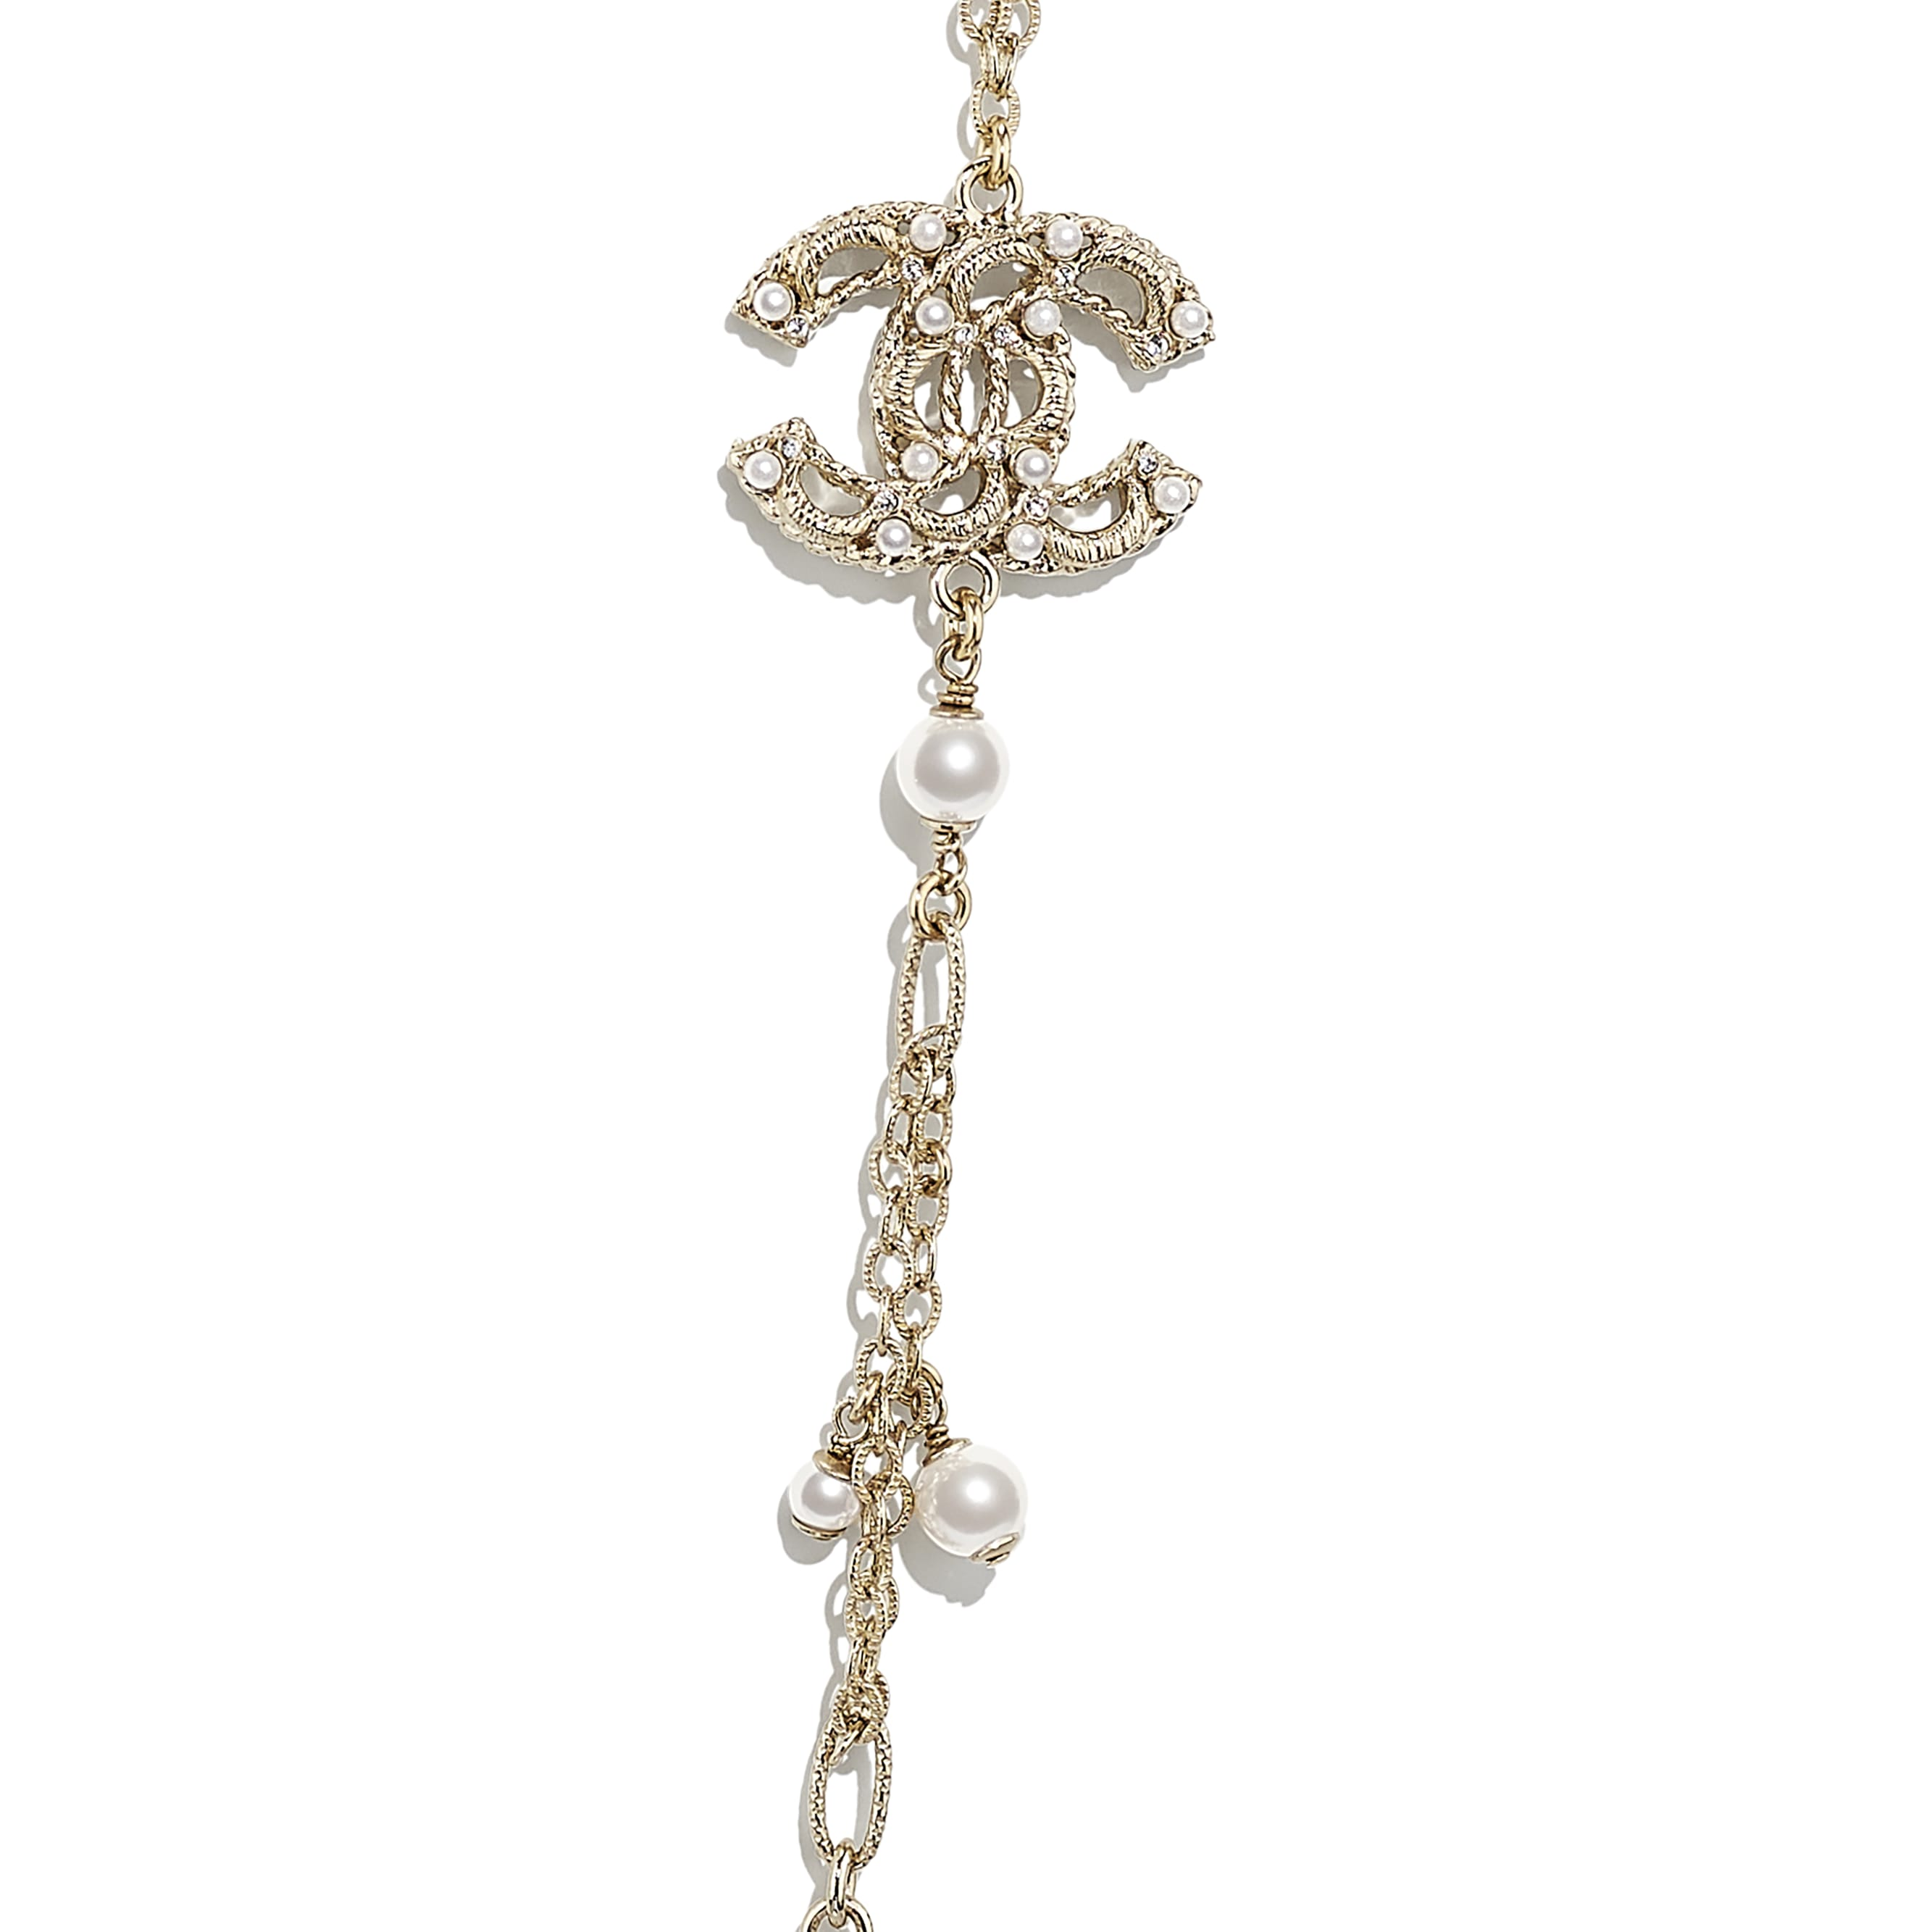 Sautoir - Doré, blanc nacré & cristal - Métal, perles de verre & strass - CHANEL - Autre vue - voir la version taille standard